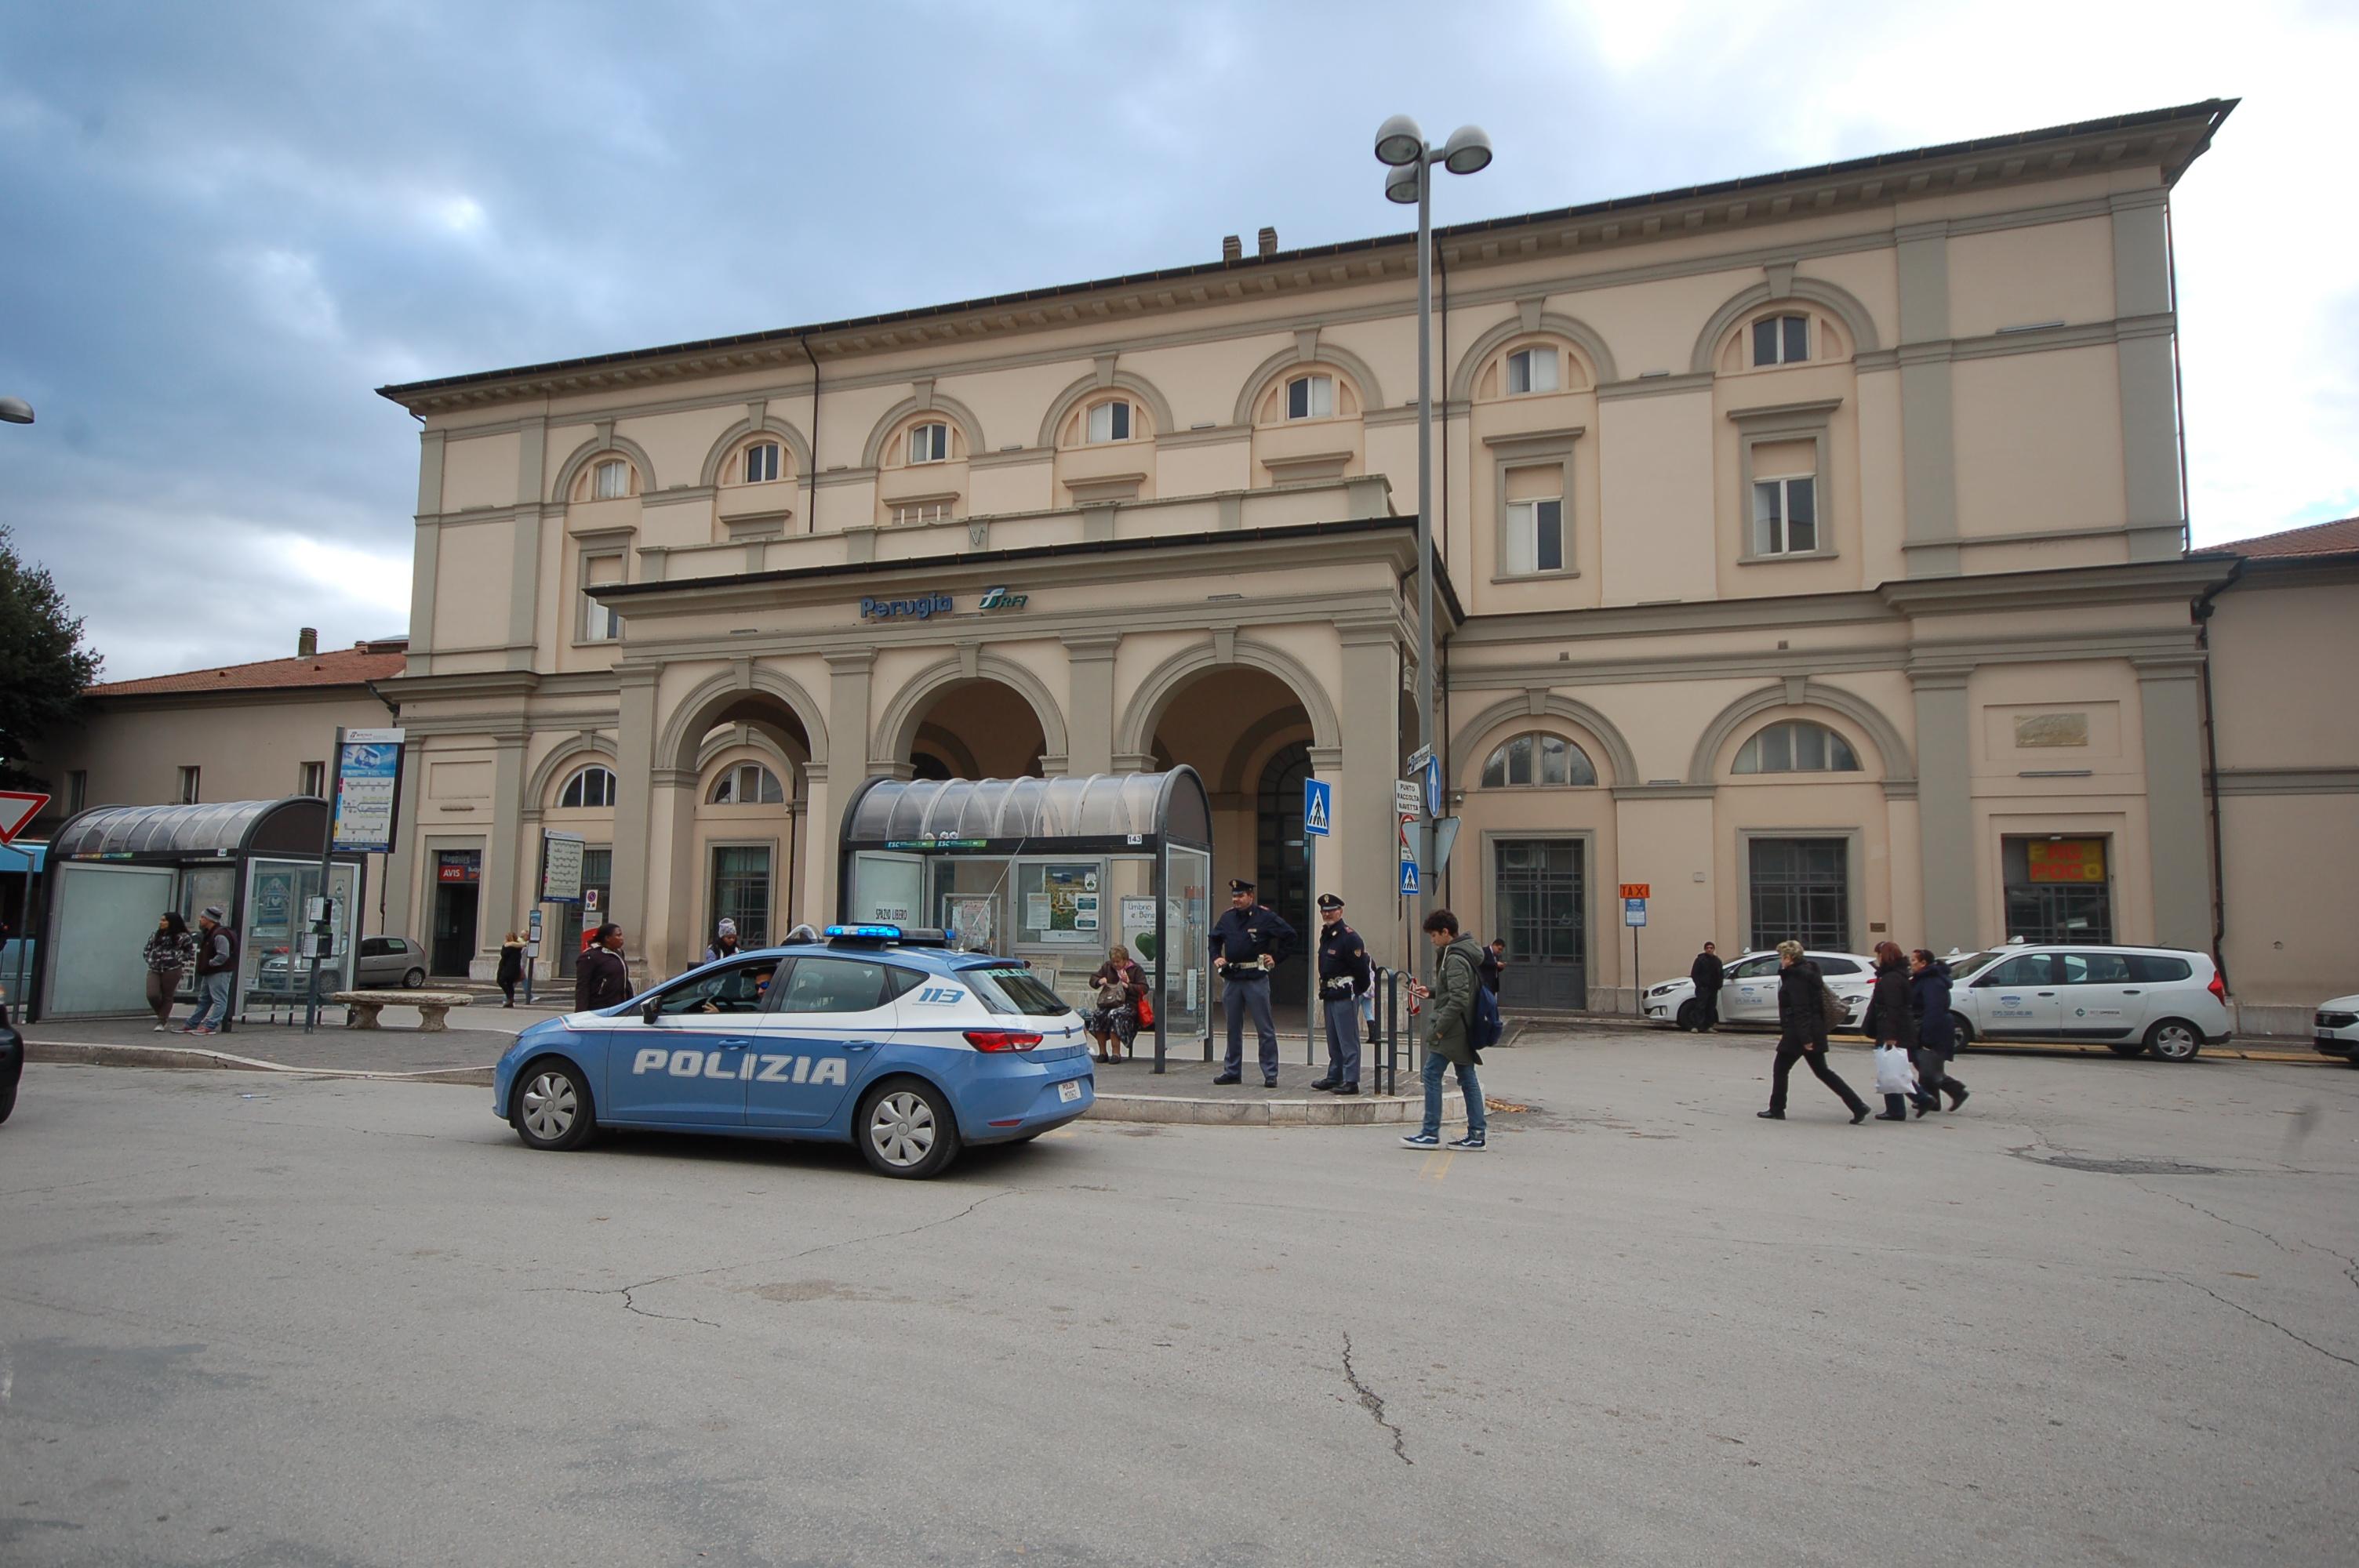 Polizia di stato questure sul web perugia for Polizia stato permesso di soggiorno